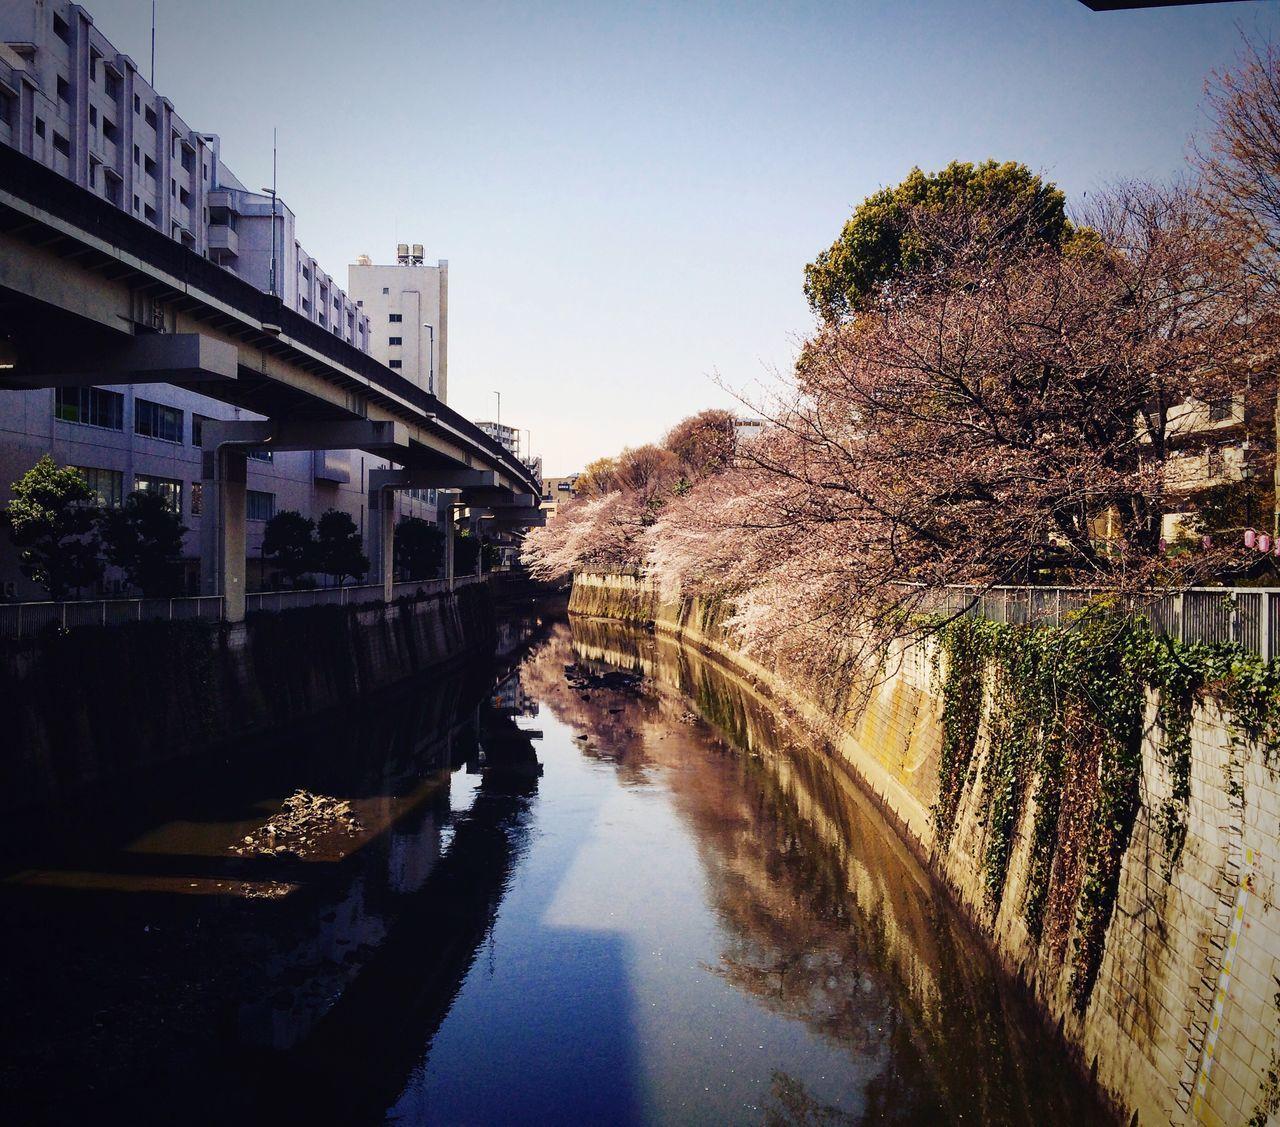 桜 神田川 江戸川橋 椿山荘 関口 Tokyo Relaxing